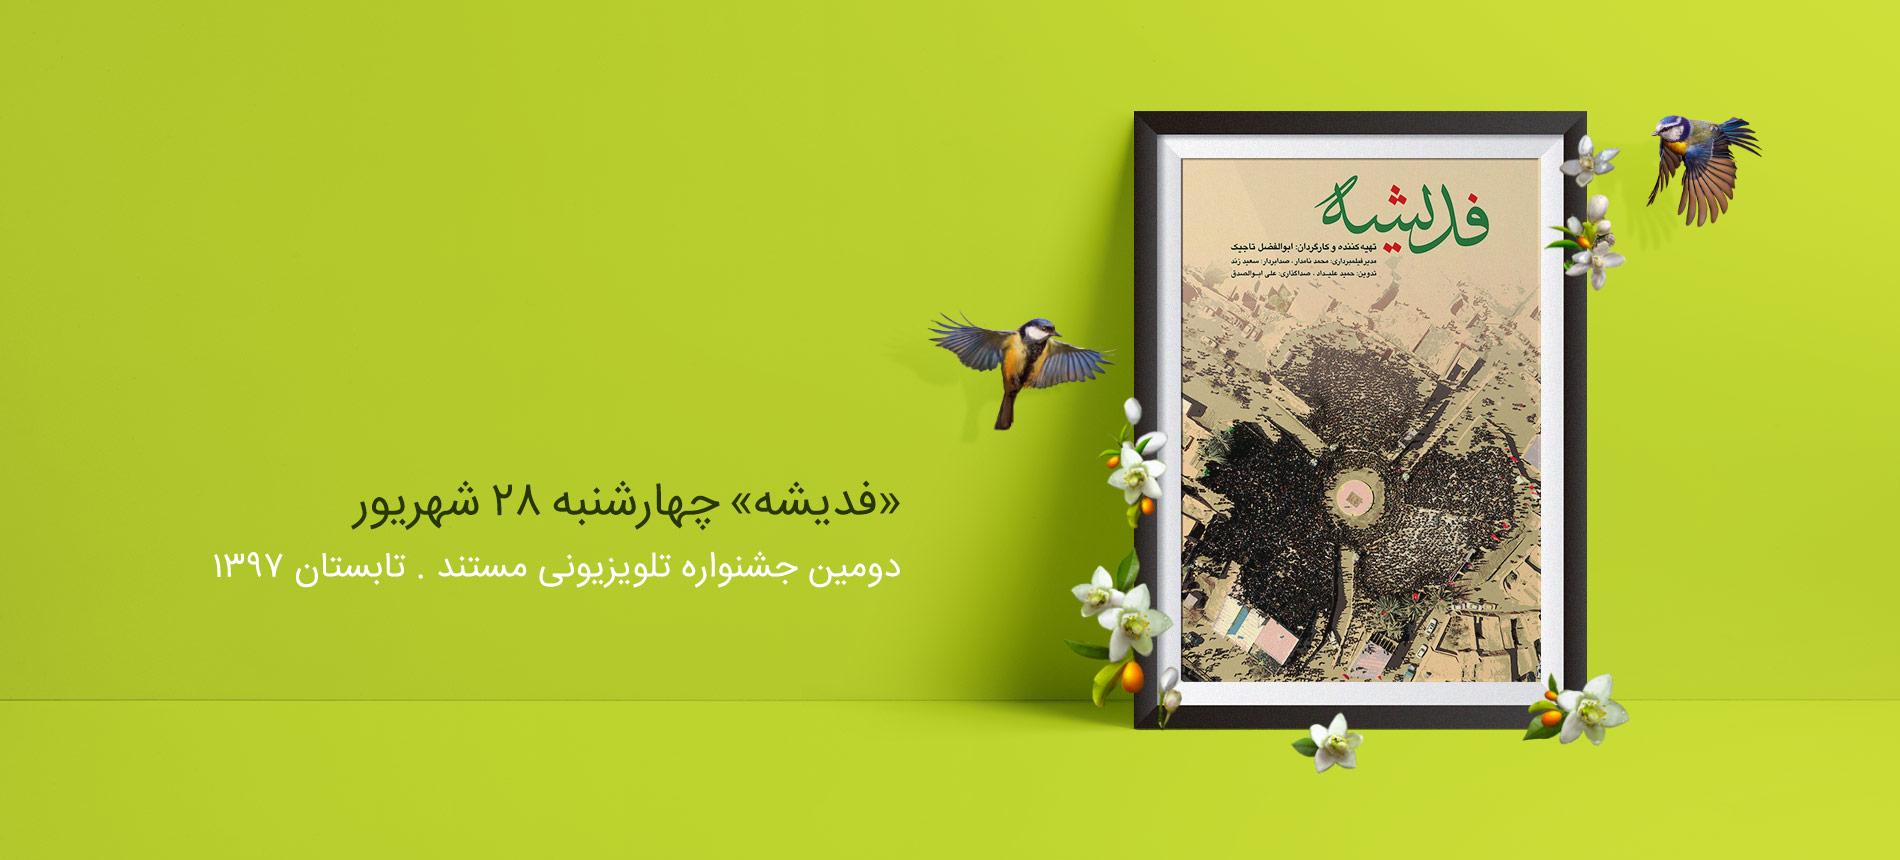 آیینی با بیش از 300 سال قدمت در «فدیشه» به روایت «ابوالفضل تاجیک»